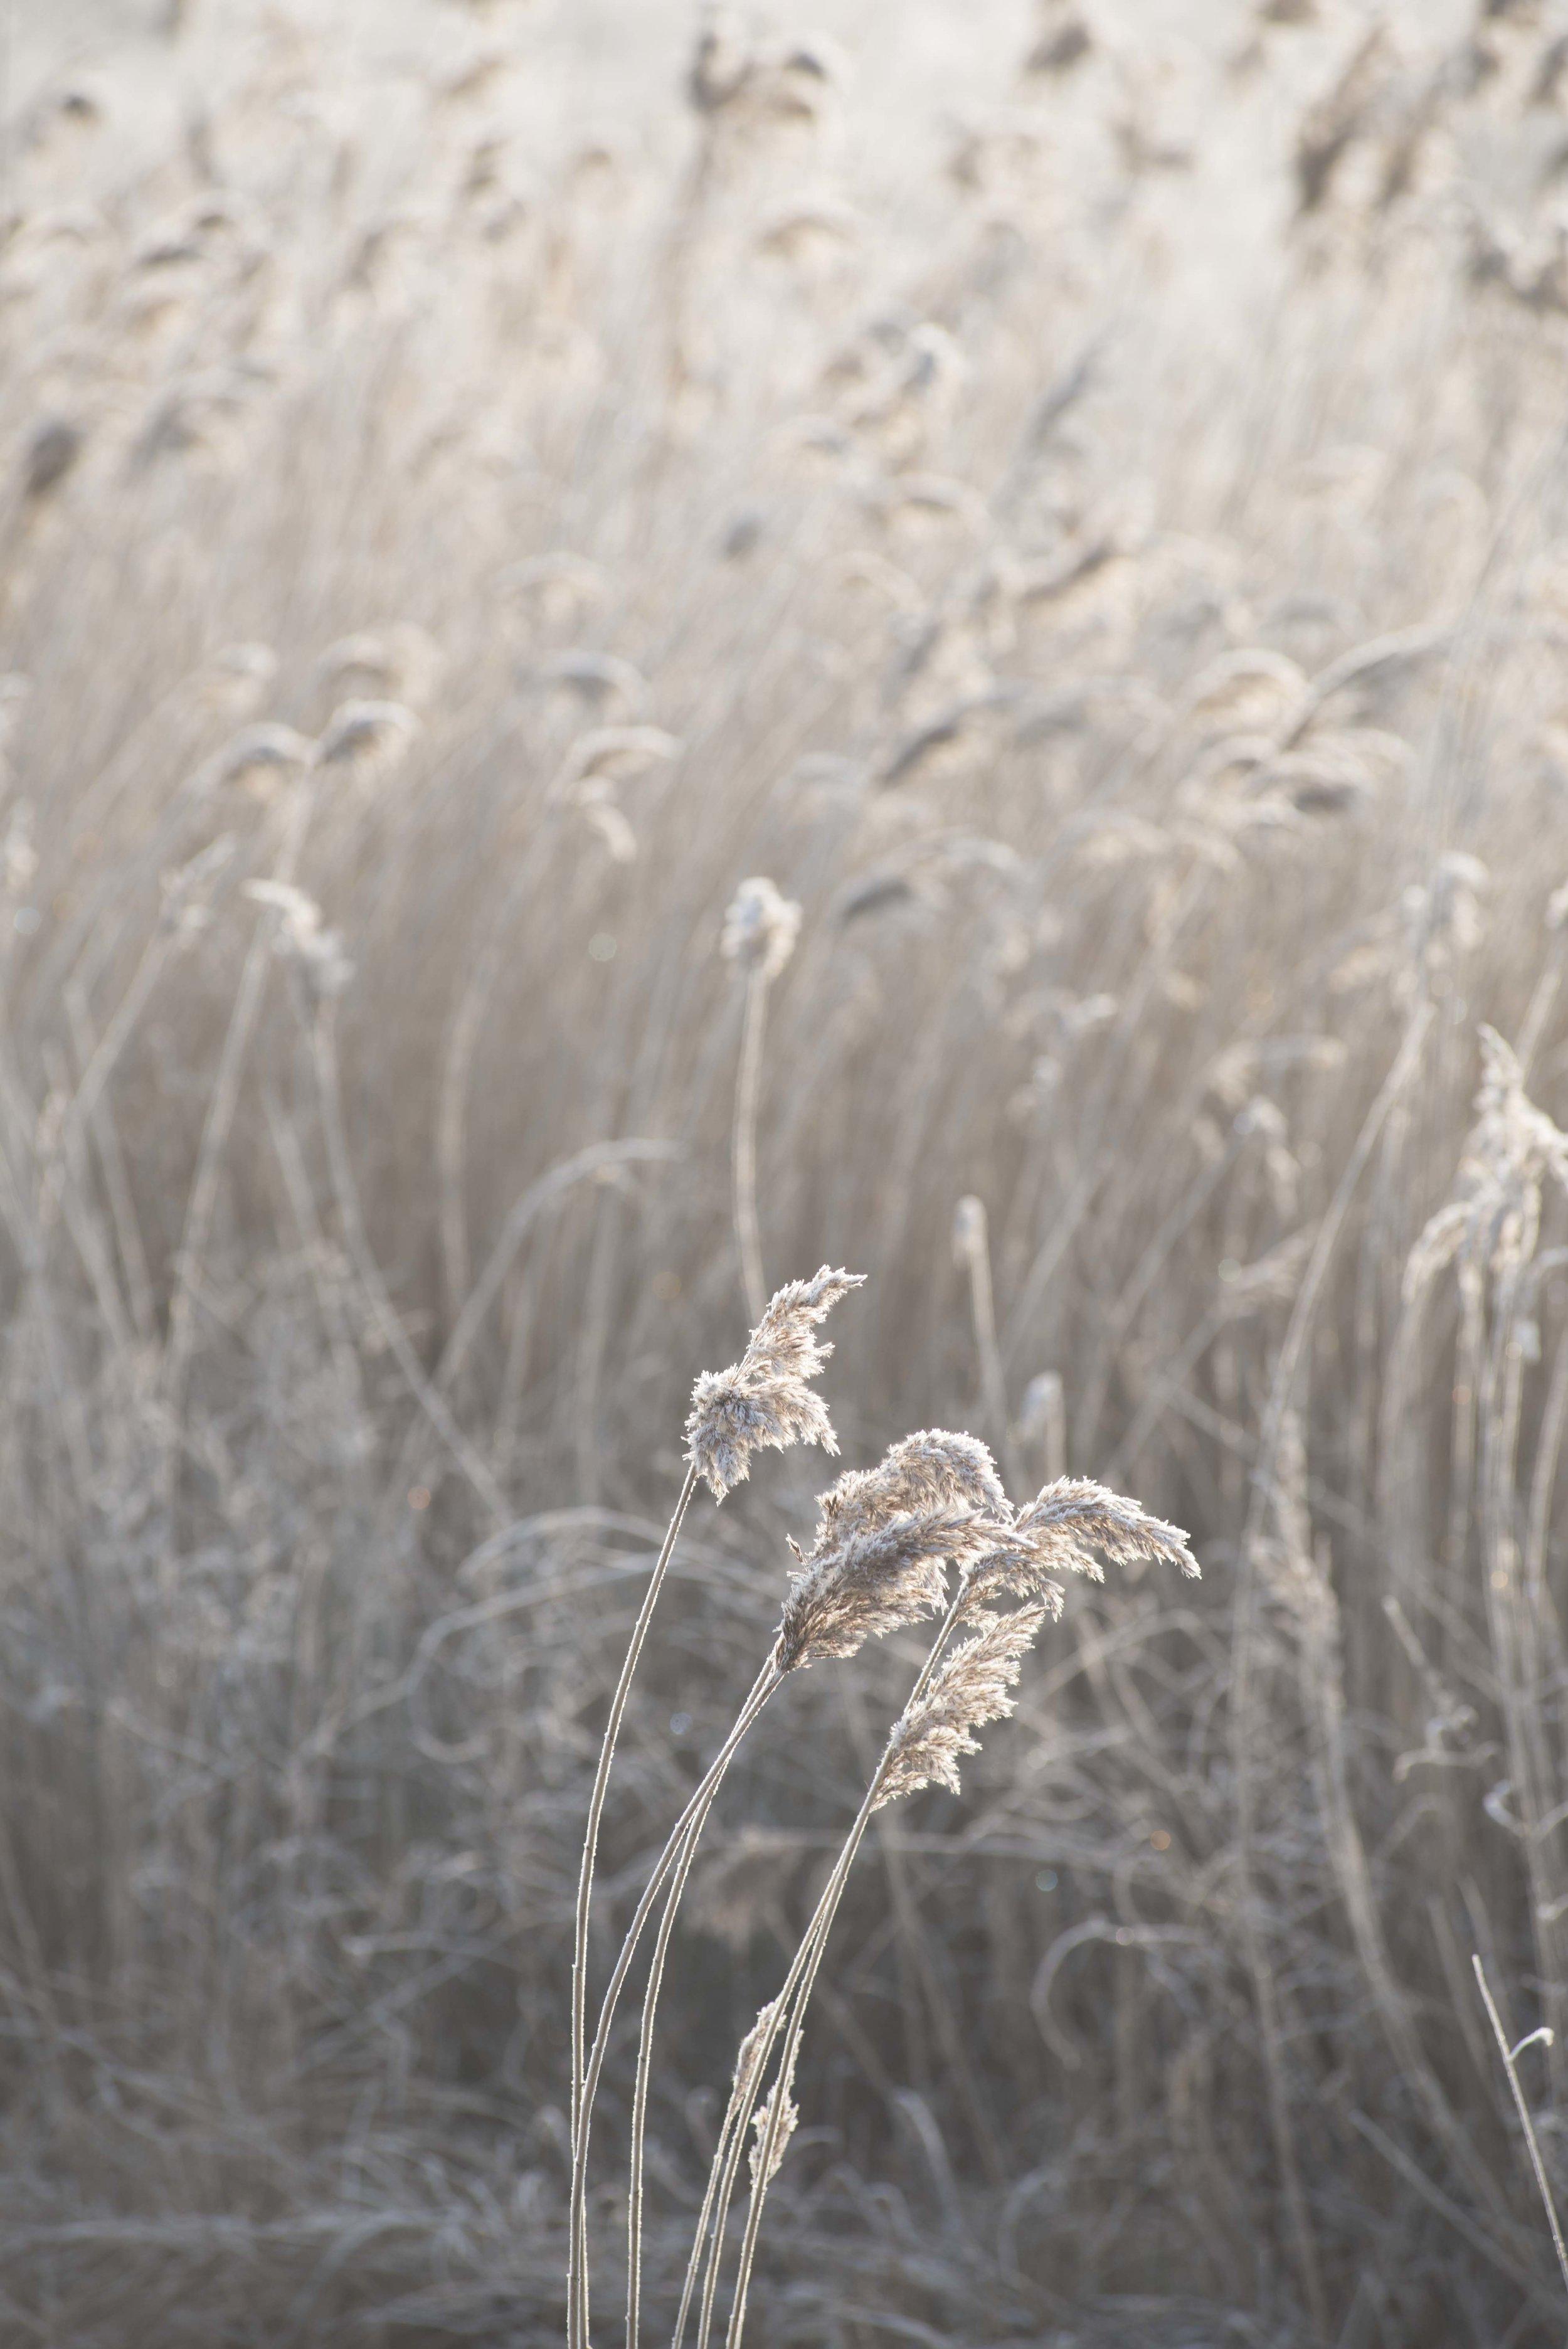 Reeds on winter morning for web.jpg